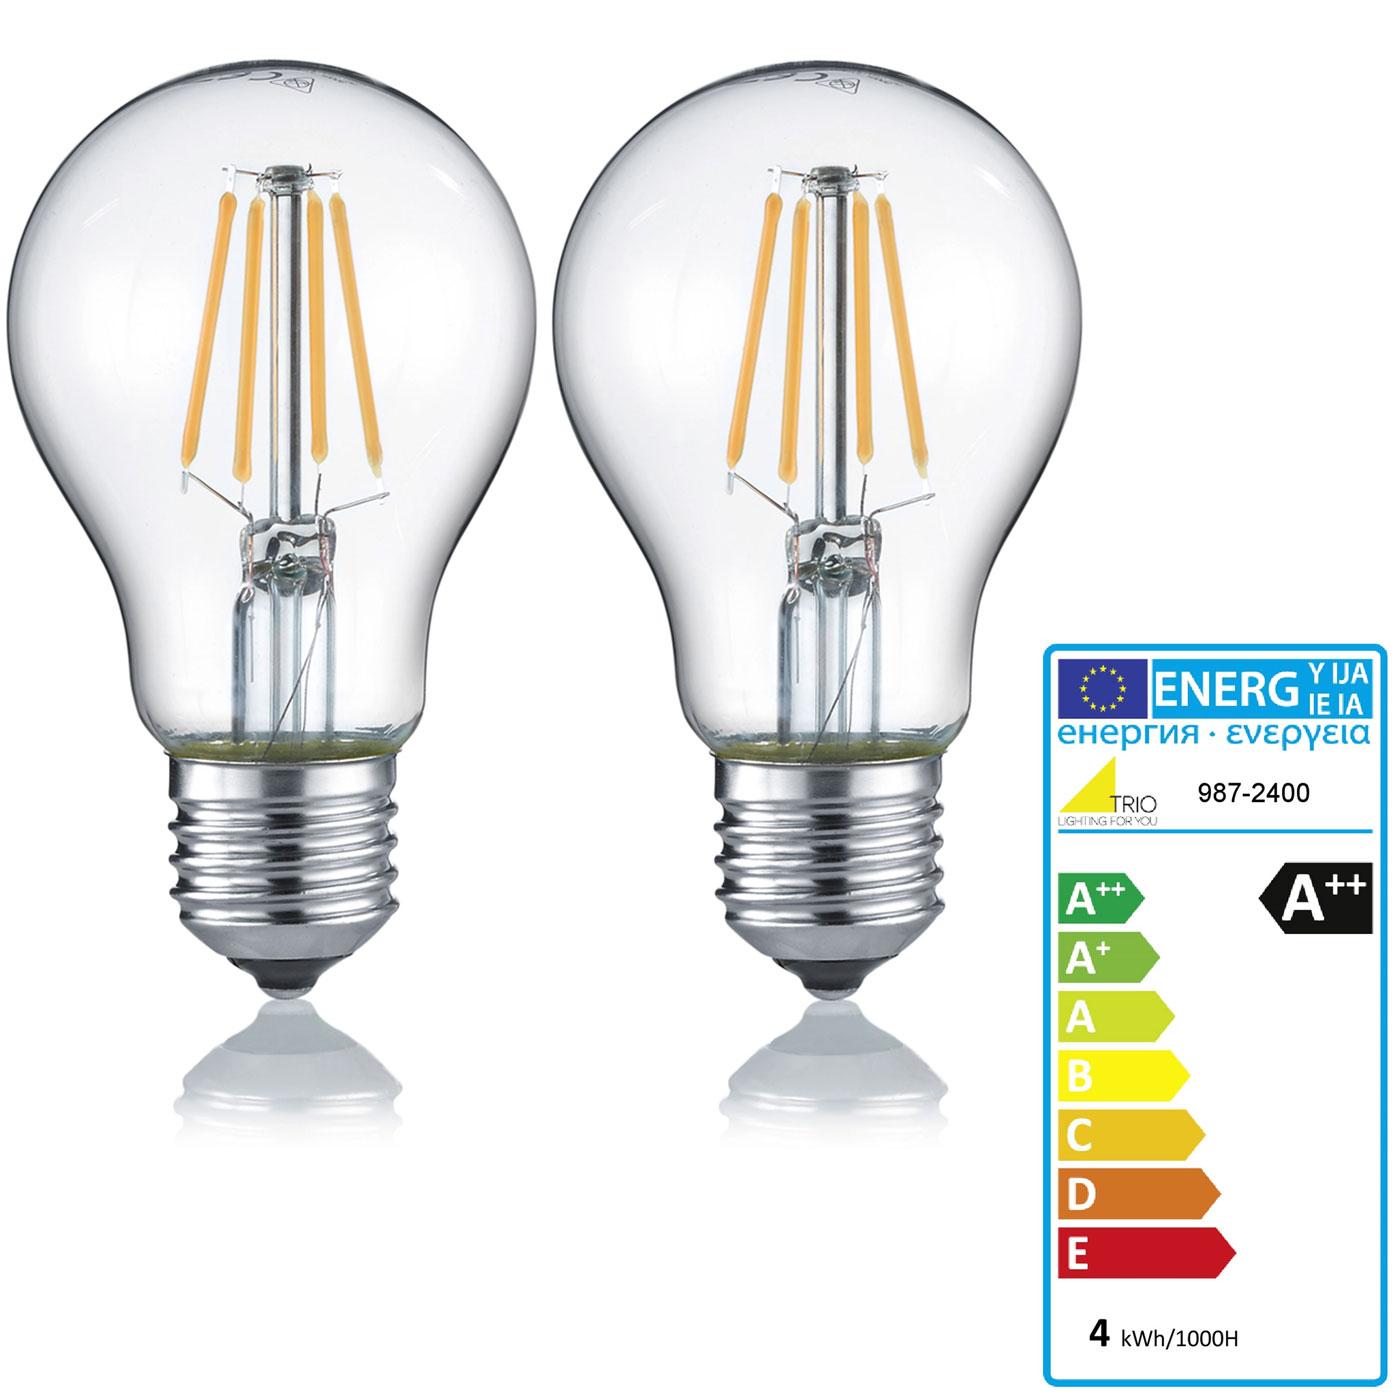 trio led leuchtmittel rl187 filament gl hbirne leuchte e27 4w warmwei eek a 2er set. Black Bedroom Furniture Sets. Home Design Ideas